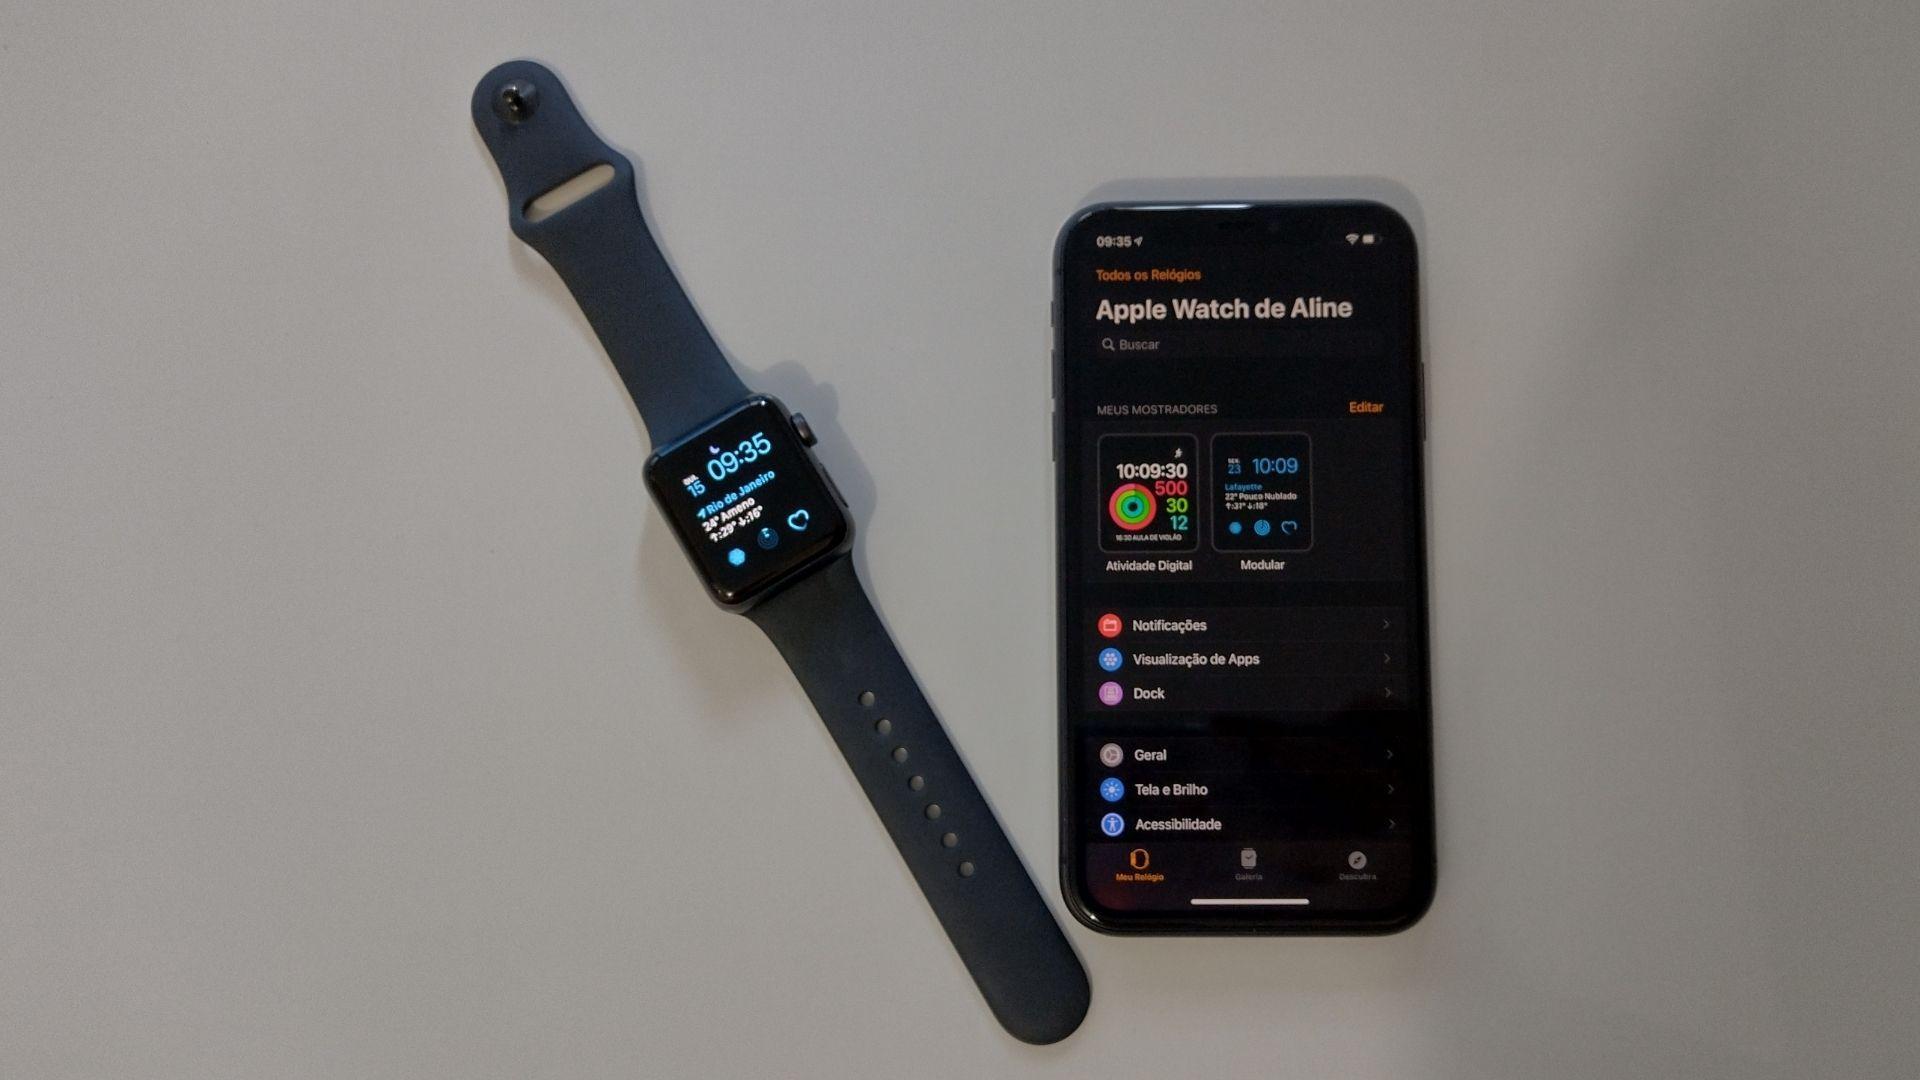 Apple Watch 3 com tela acesa e pulseira de silicone preta ao lado de um iPhone 11 com tela acesa e app Watch aberto em um fundo branco